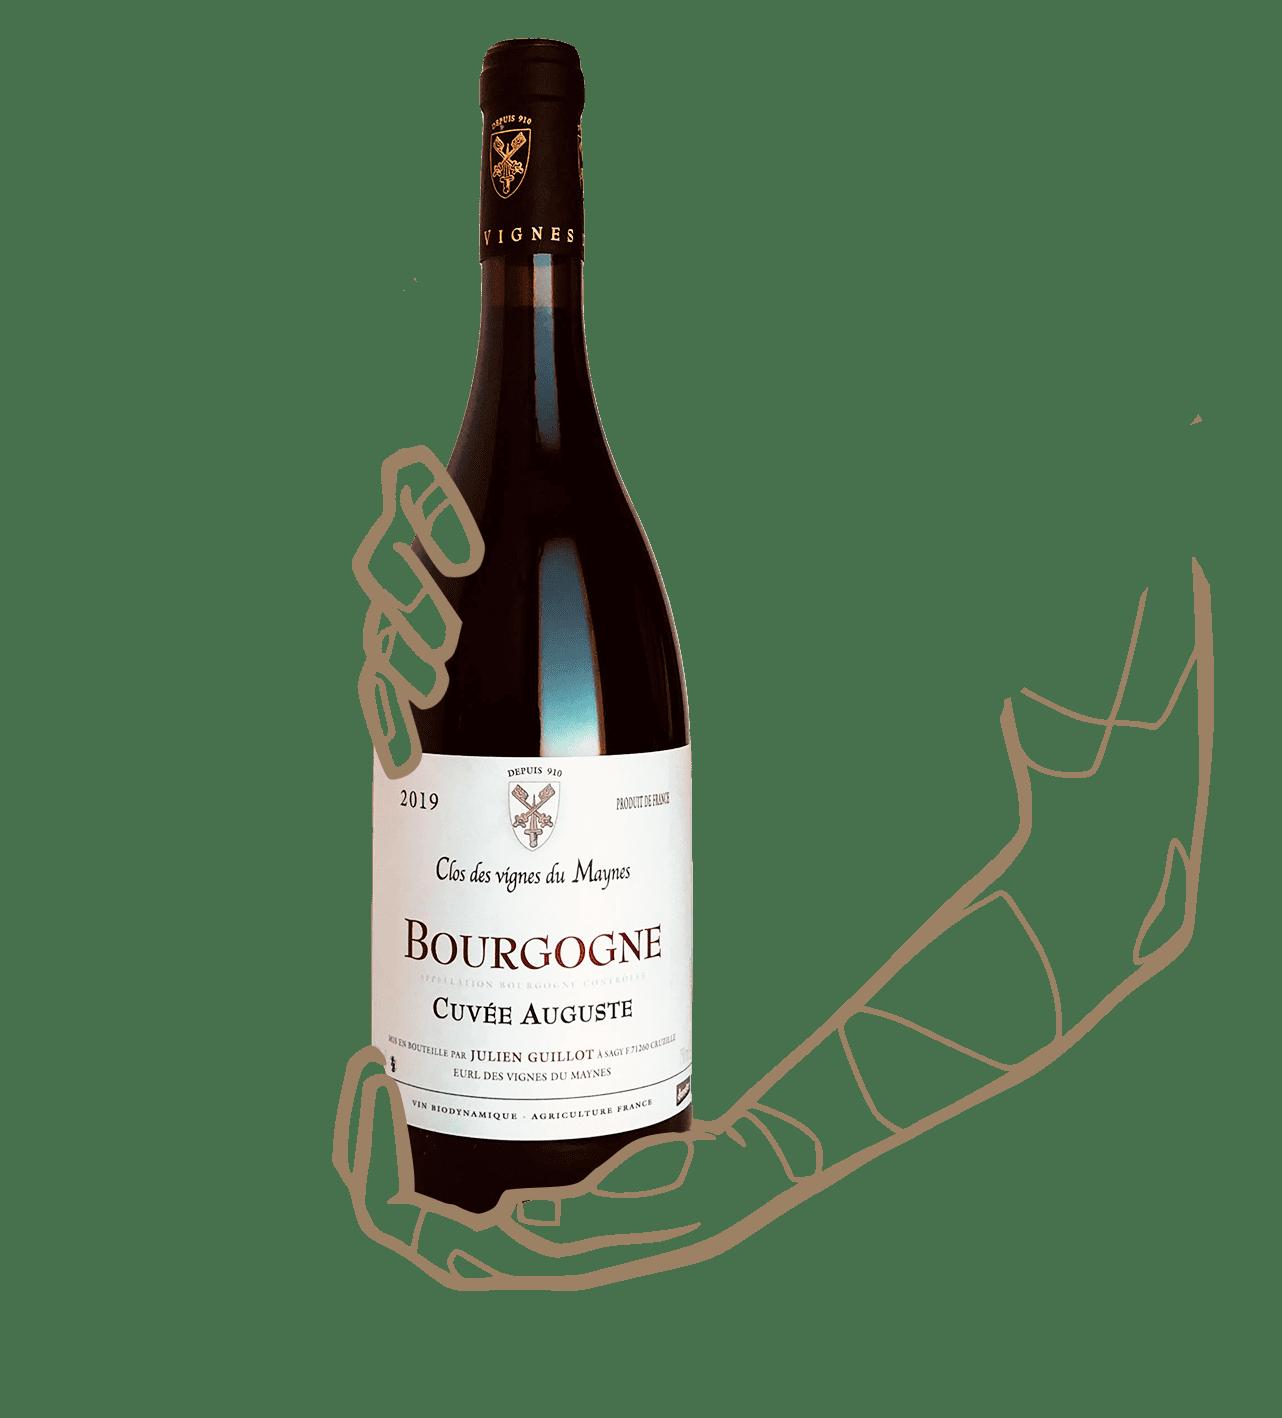 Auguste est un vin naturel de bourgogne du domaine le clos des vignes du maynes